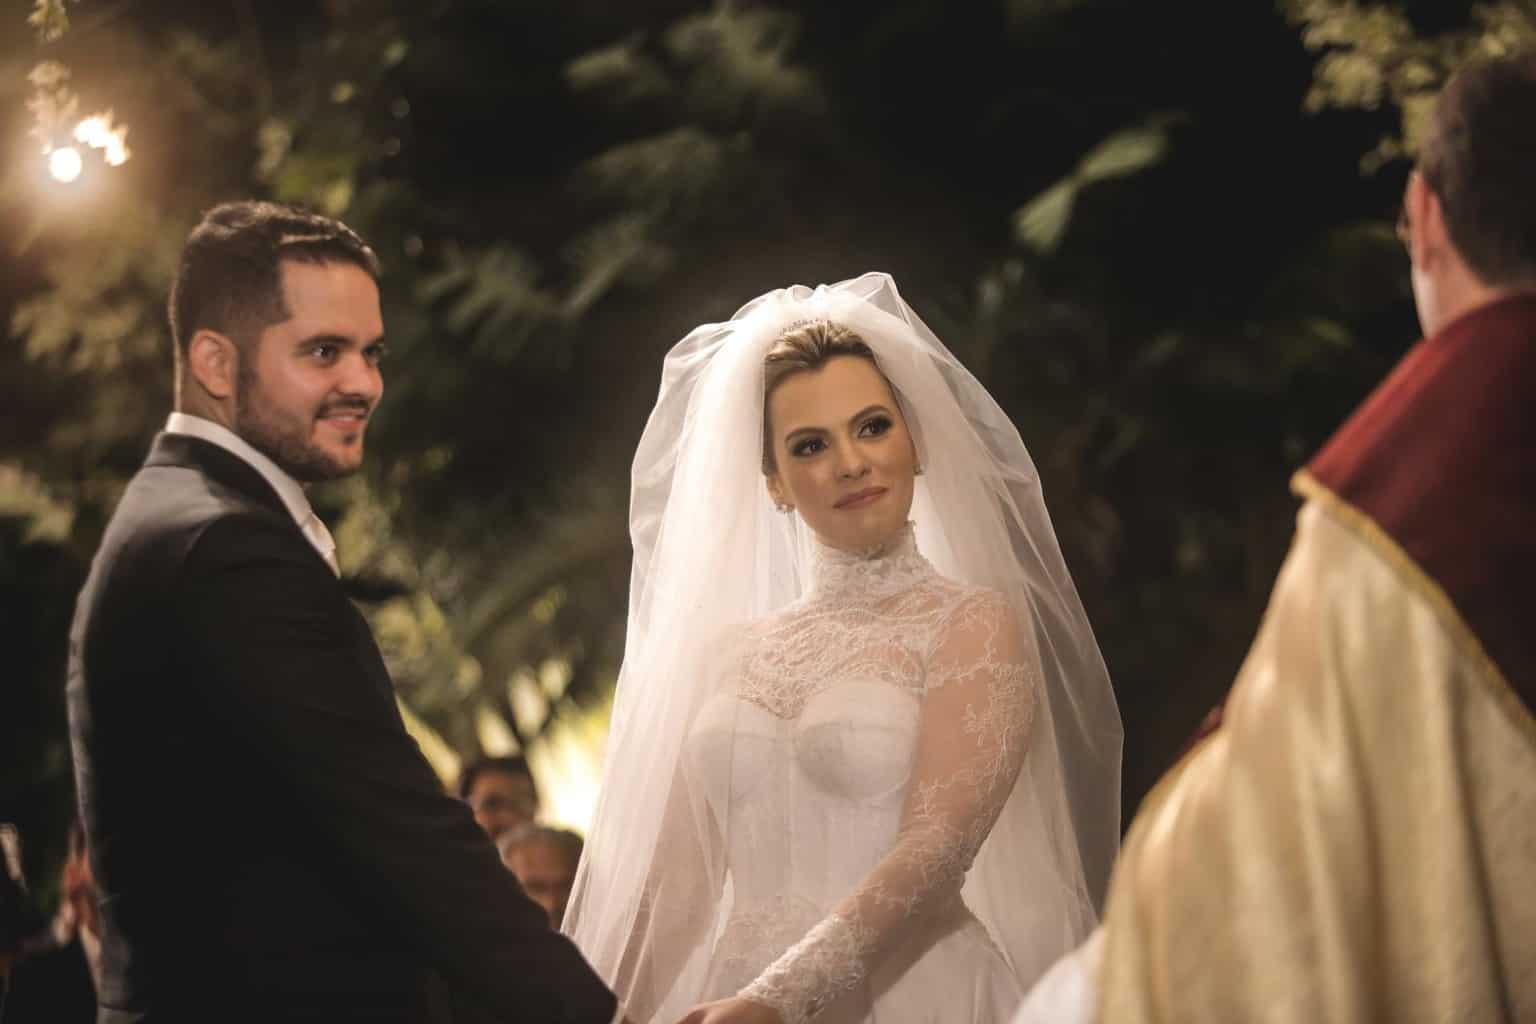 casamento-Juliana-e-Eduardo-cerimonia-Fotografia-Ricardo-Nascimento-e-Thereza-magno-Usina-dois-irmãos67